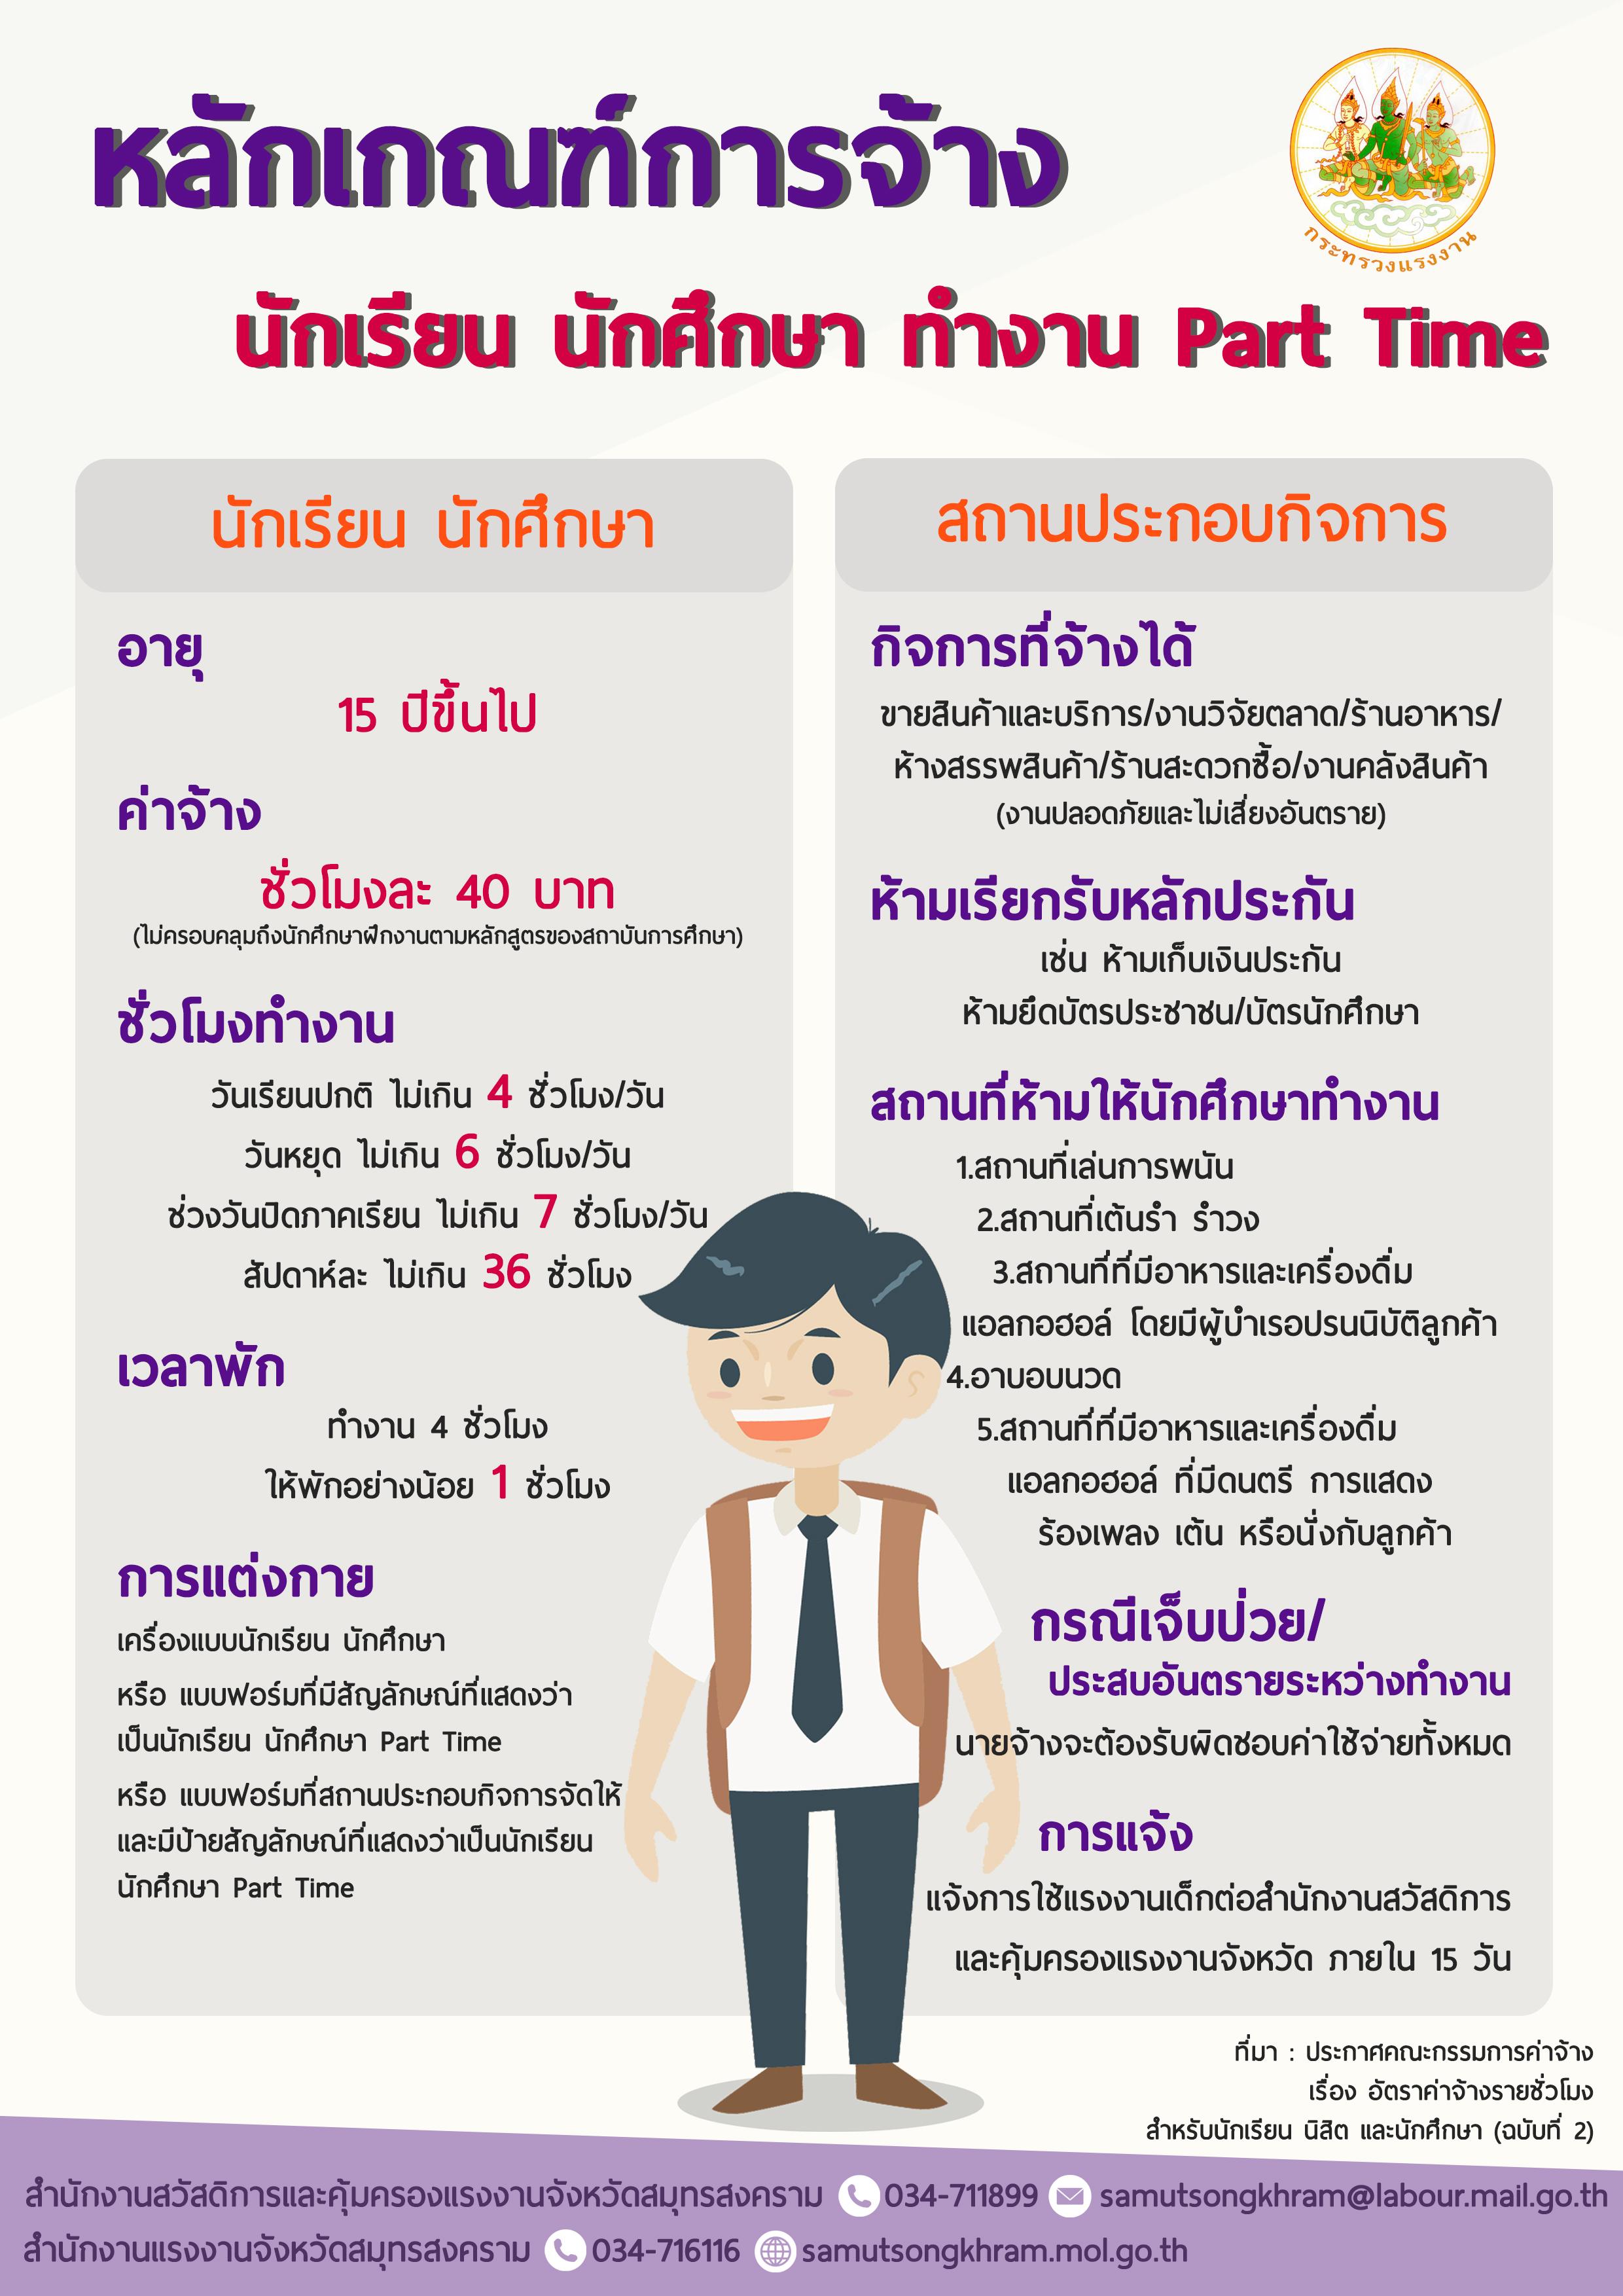 หลักเกณฑ์การจ้างนักเรียนนักศึกษาทำงาน